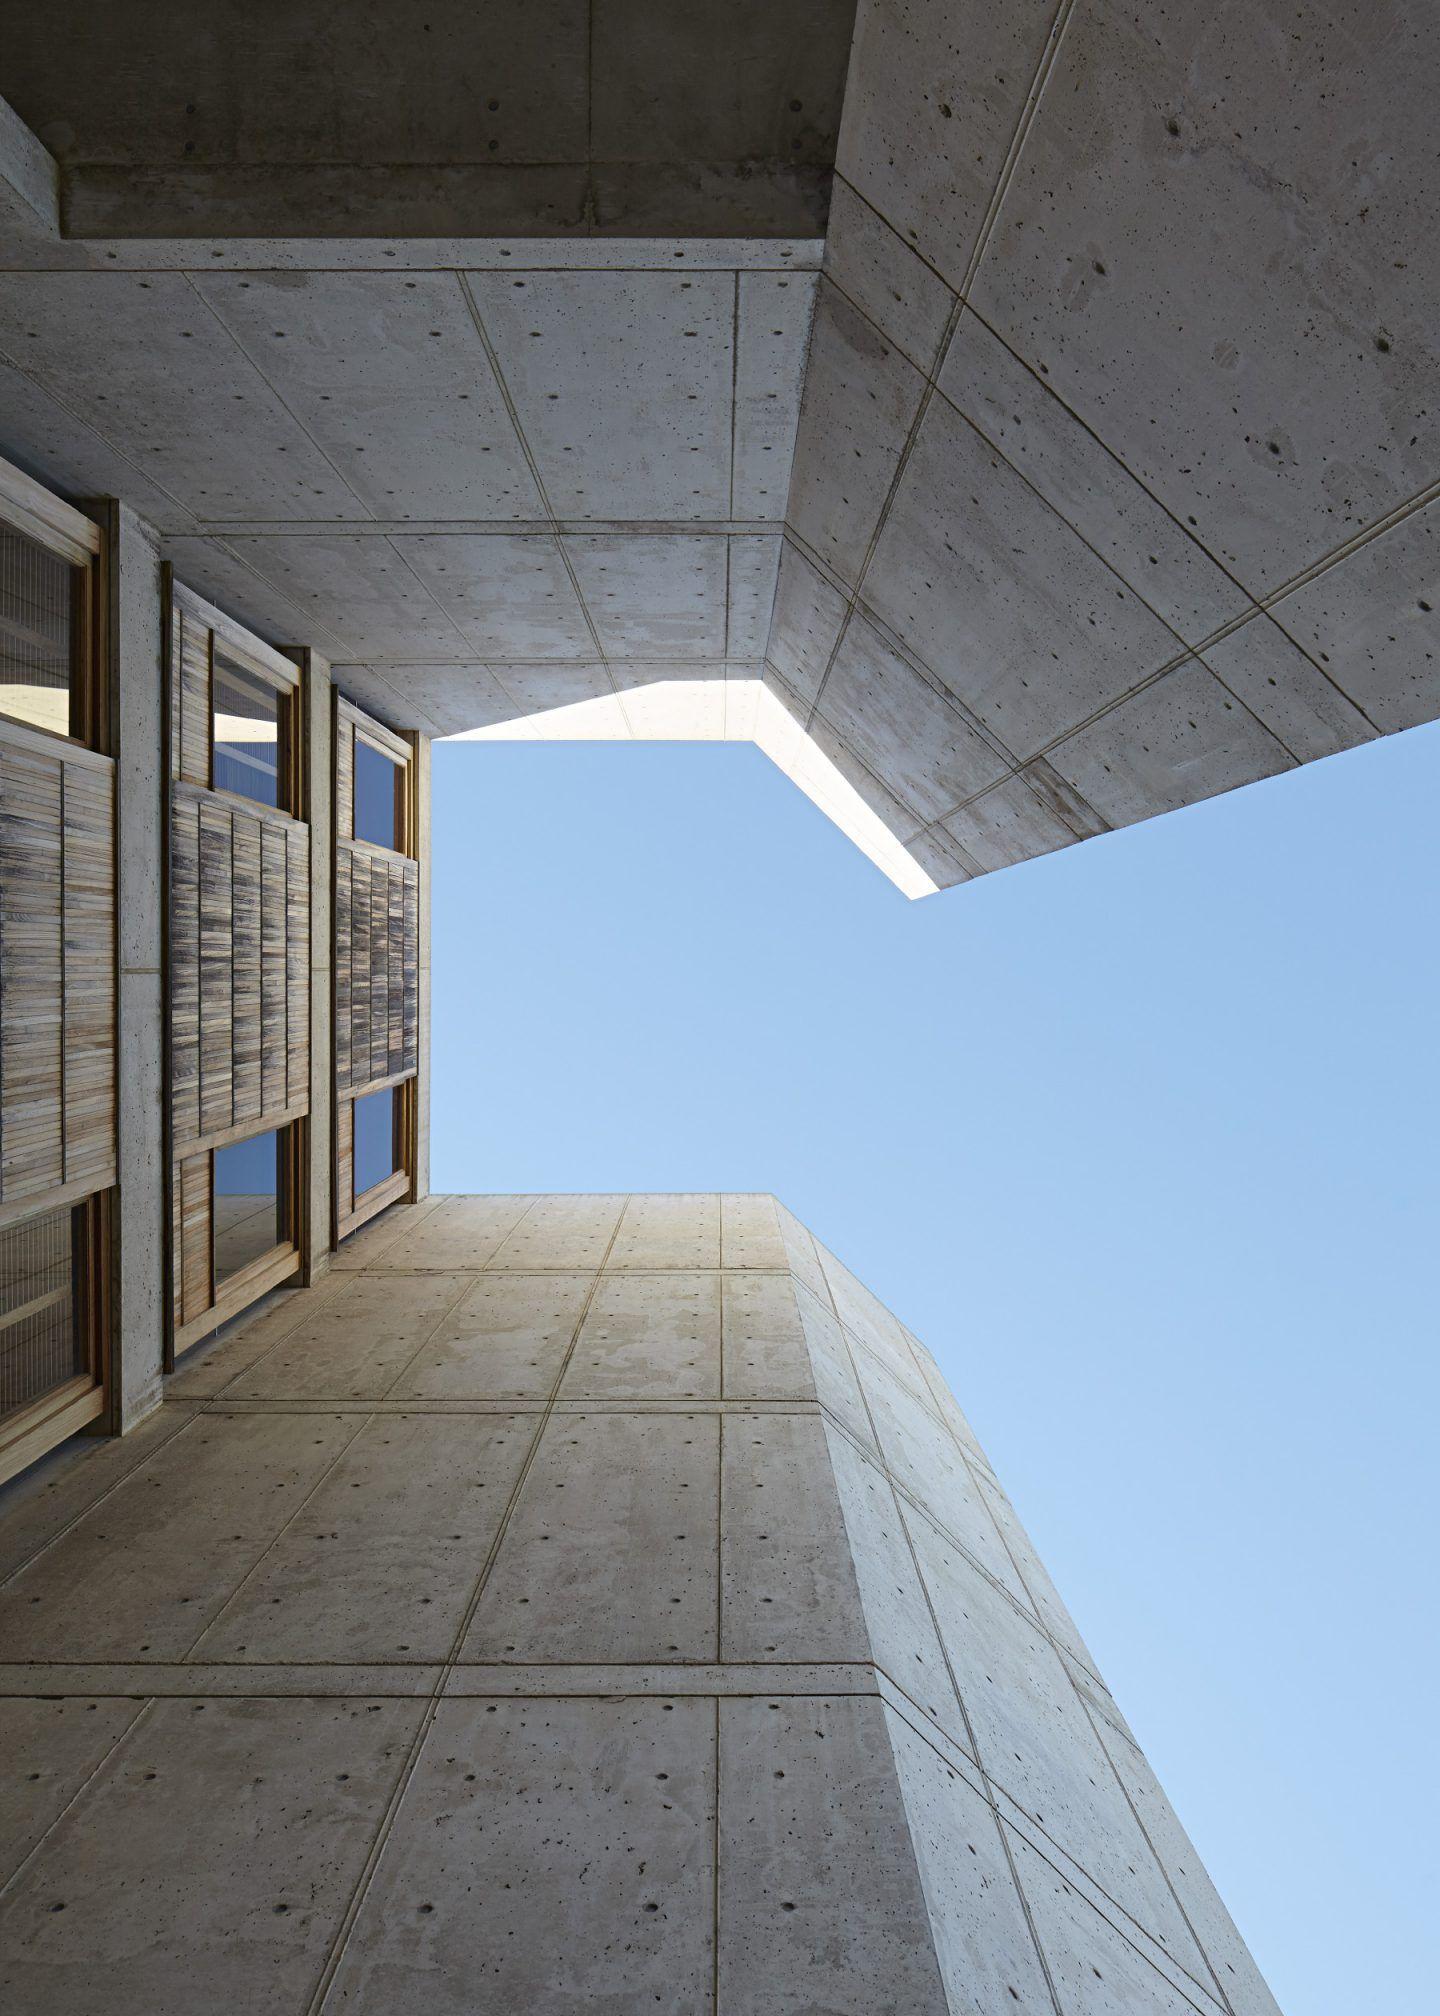 IGNANT-Architecture-Salk-Institute-Nils-Koenning-12